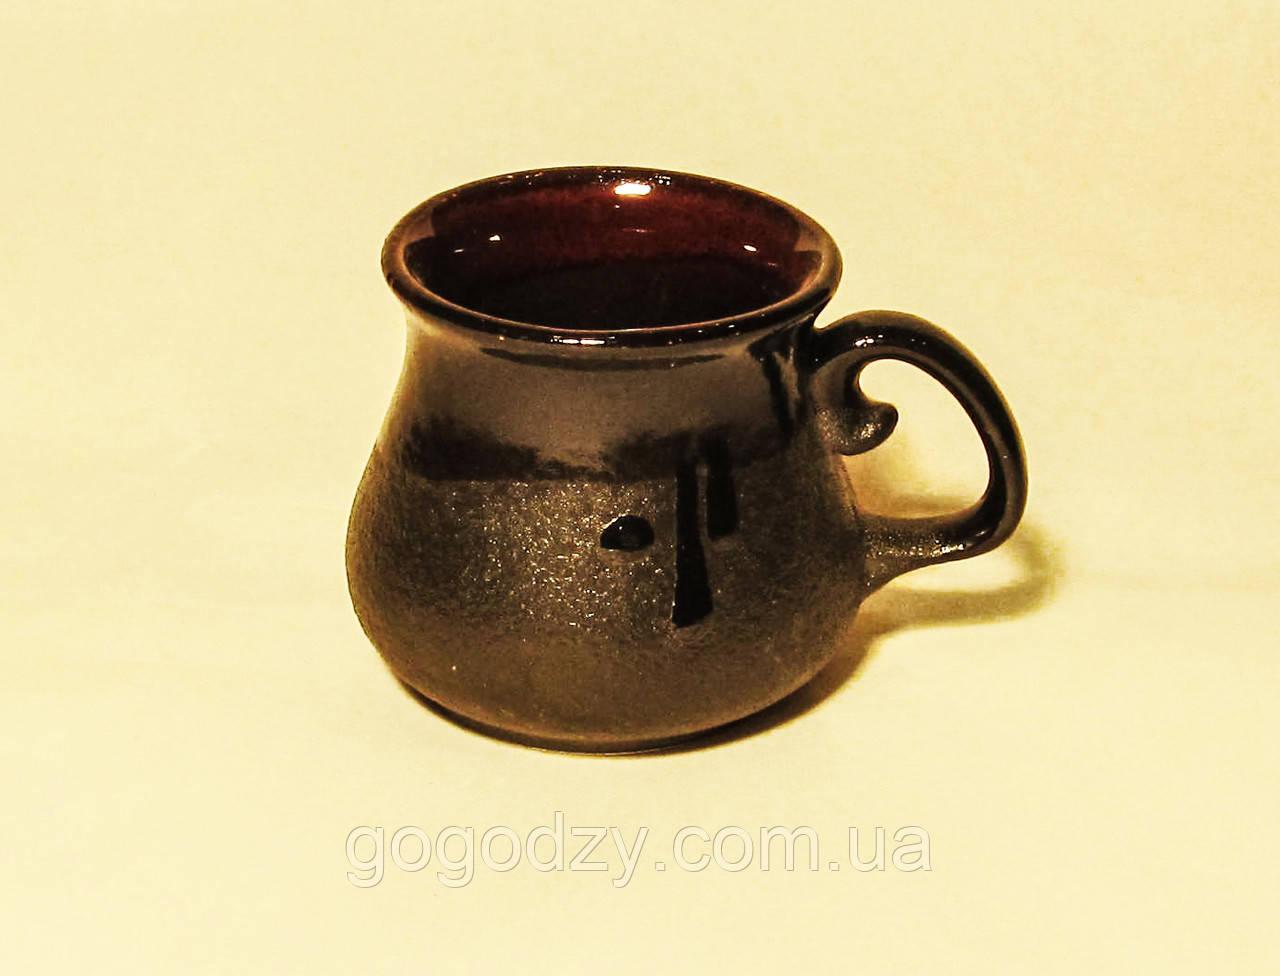 Горнятко кавове чорне, фото 1